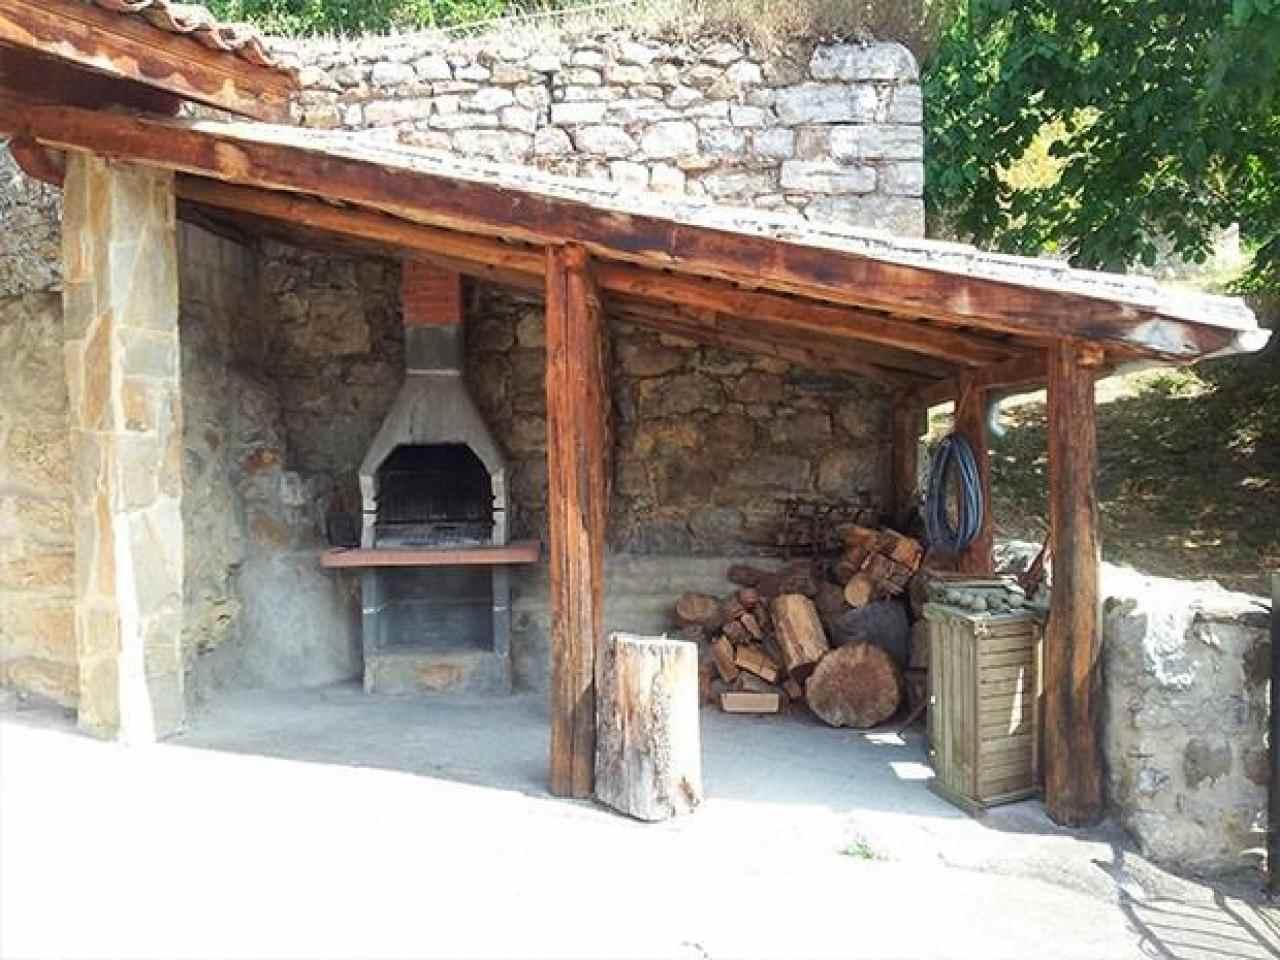 Alquiler vacaciones en Carrea, Asturias